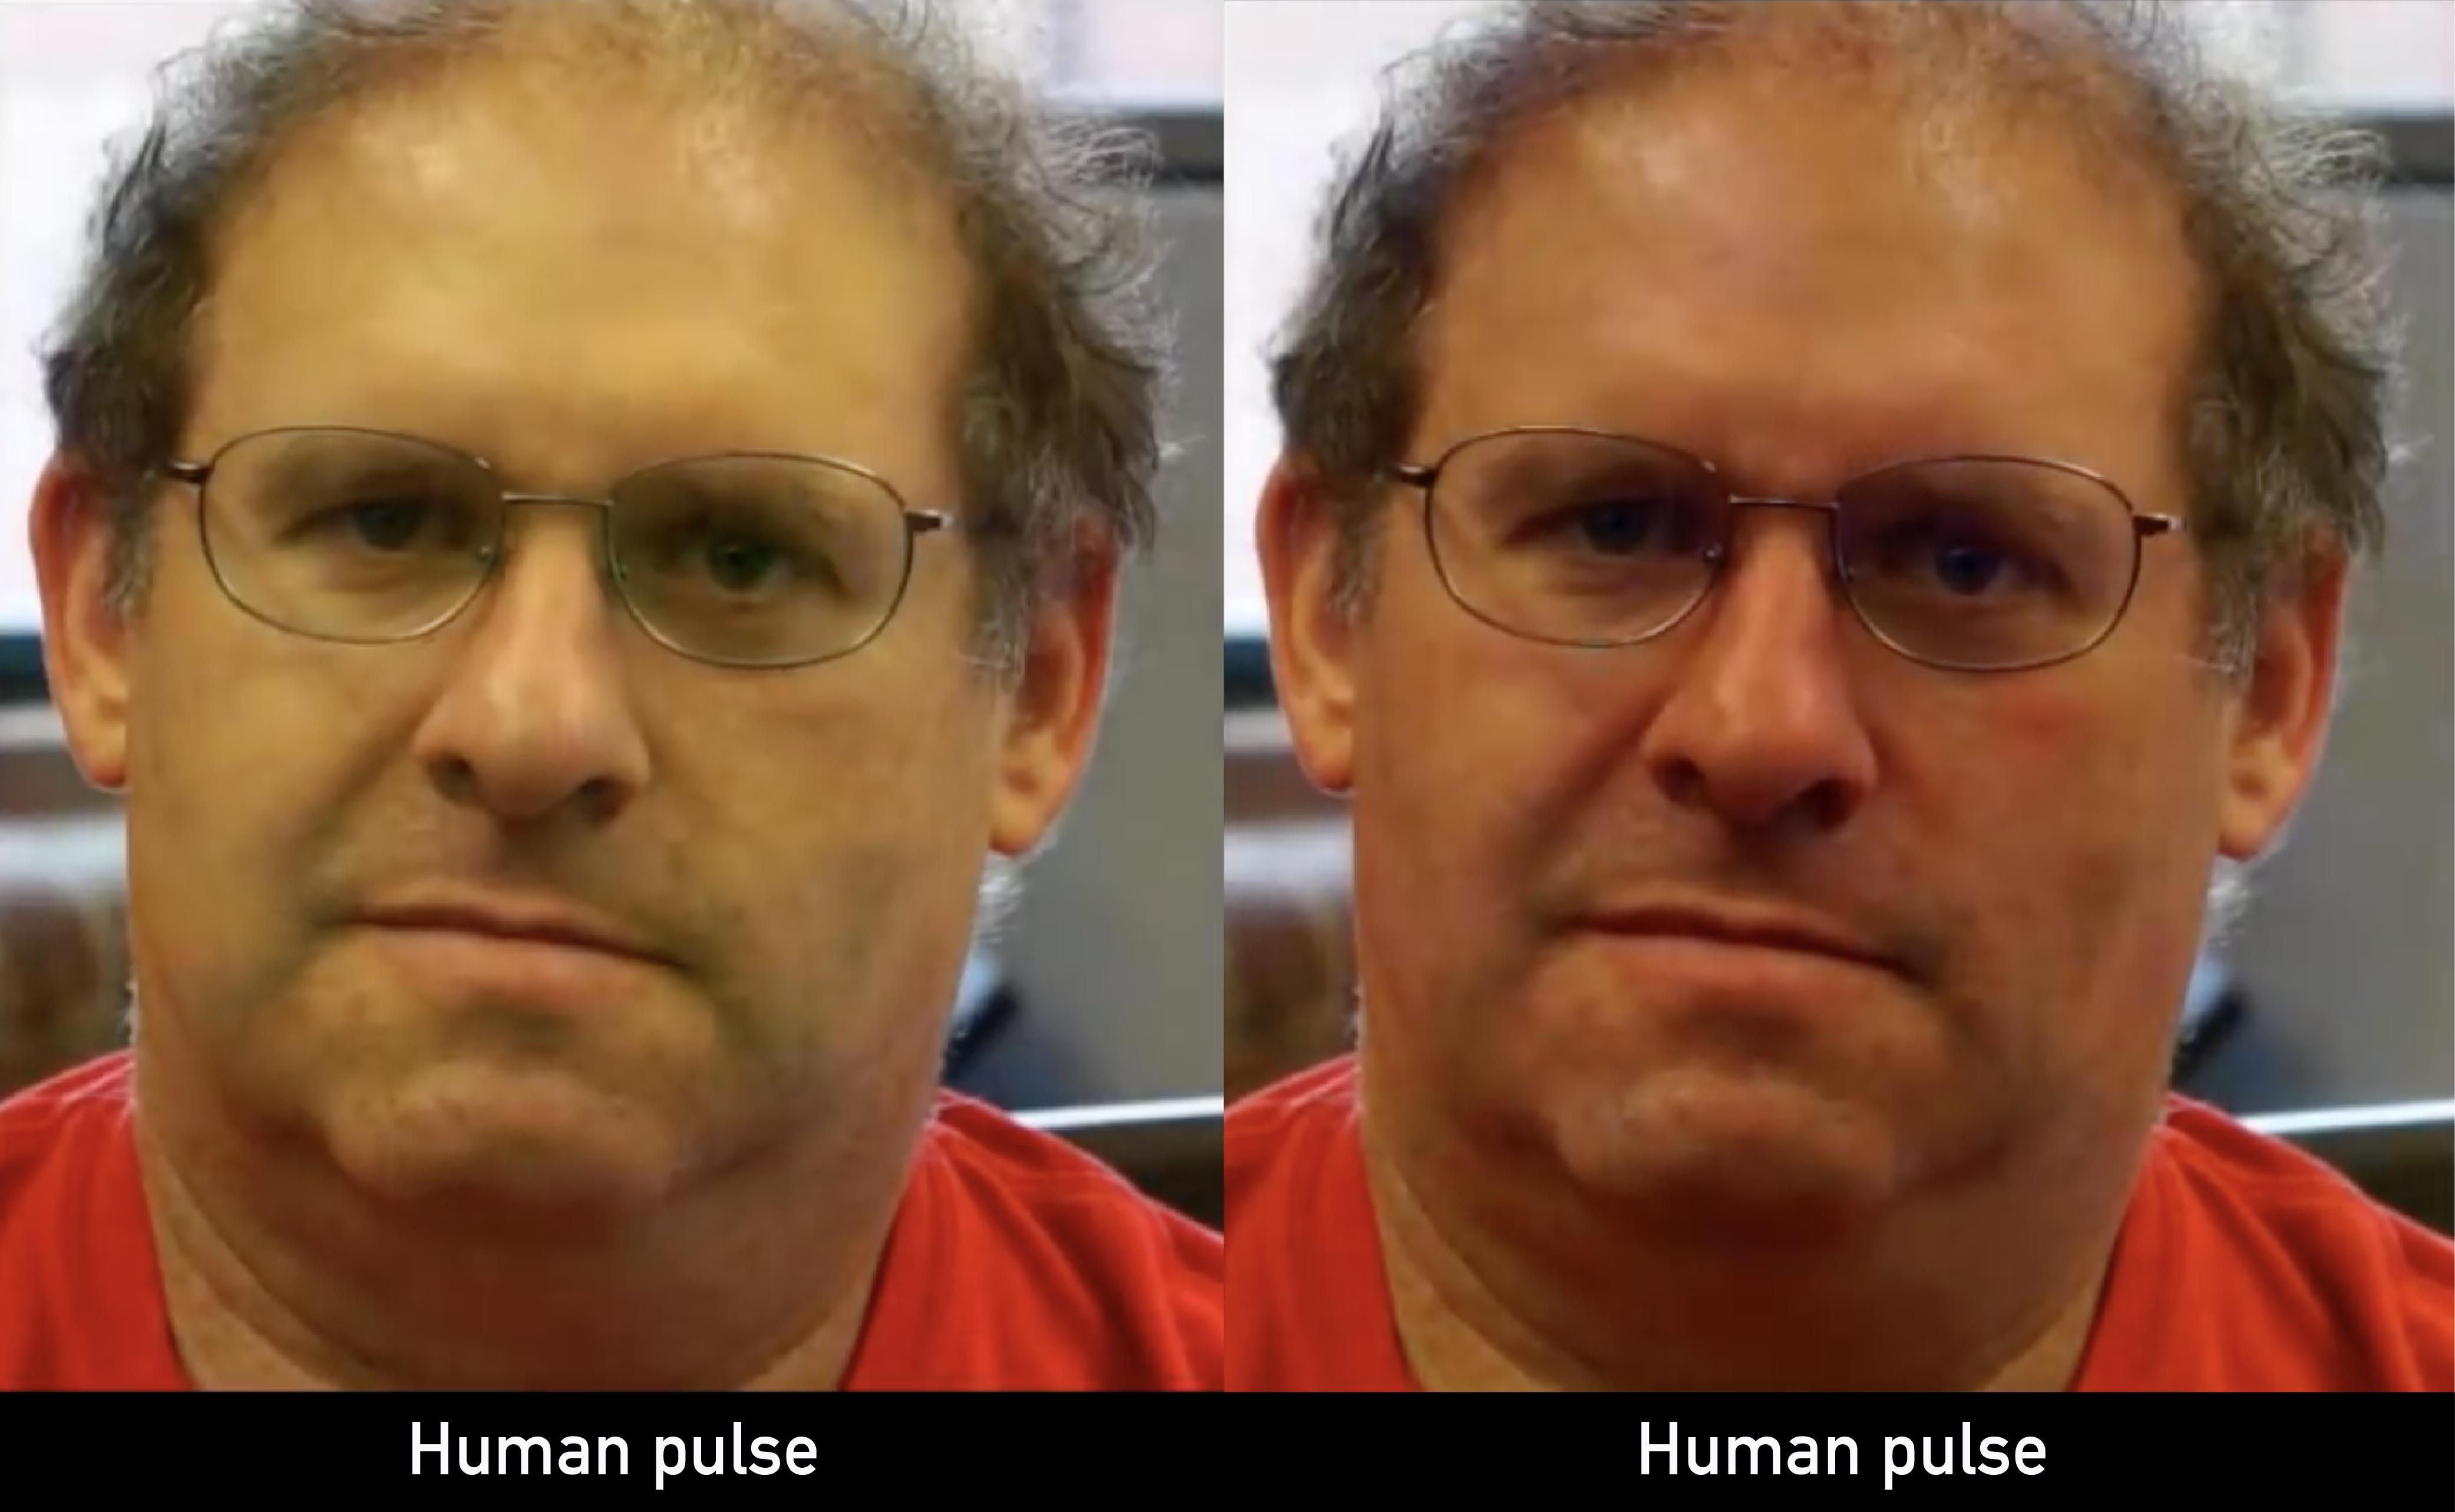 心跳訊號放大 100 倍的手機拍攝影像,可以看見當血液被打上來通過臉部,皮膚顏色明顯變紅(右圖)。 影片來源│Revealing Invisible Changes In The World